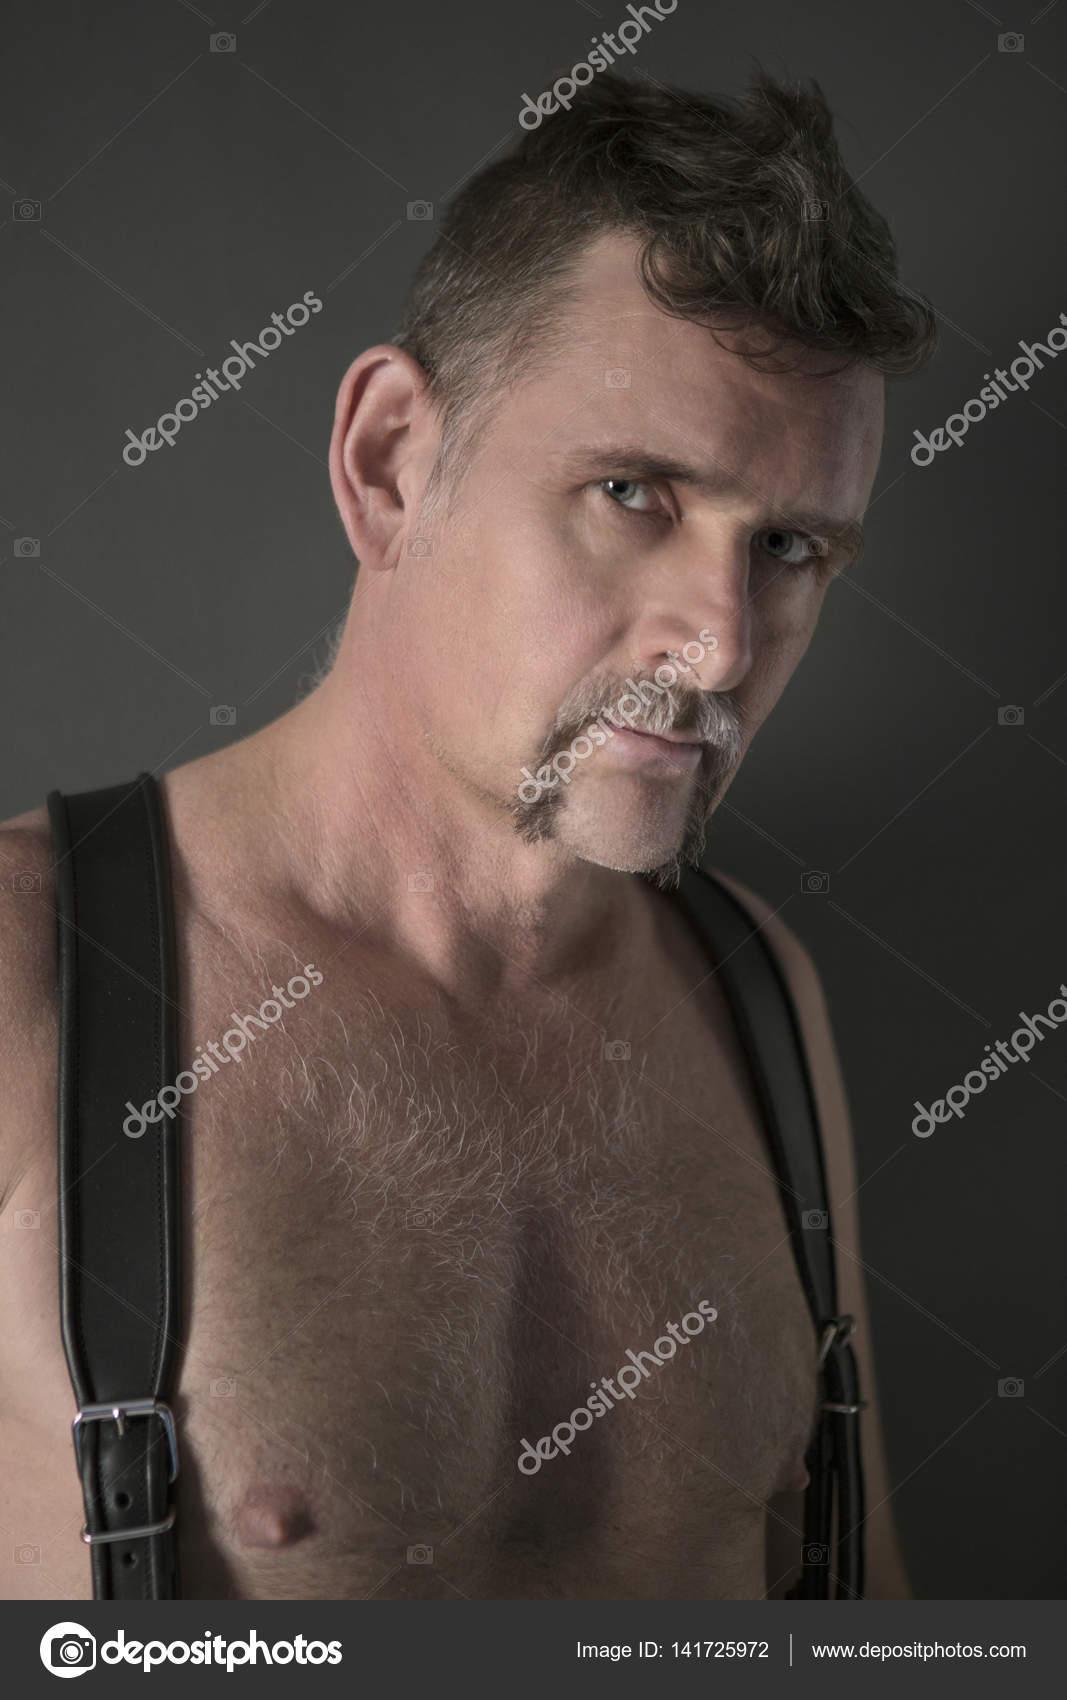 grosses soldes moitié prix comment avoir Portrait d'un homme torse nu avec bretelles en cuir ...